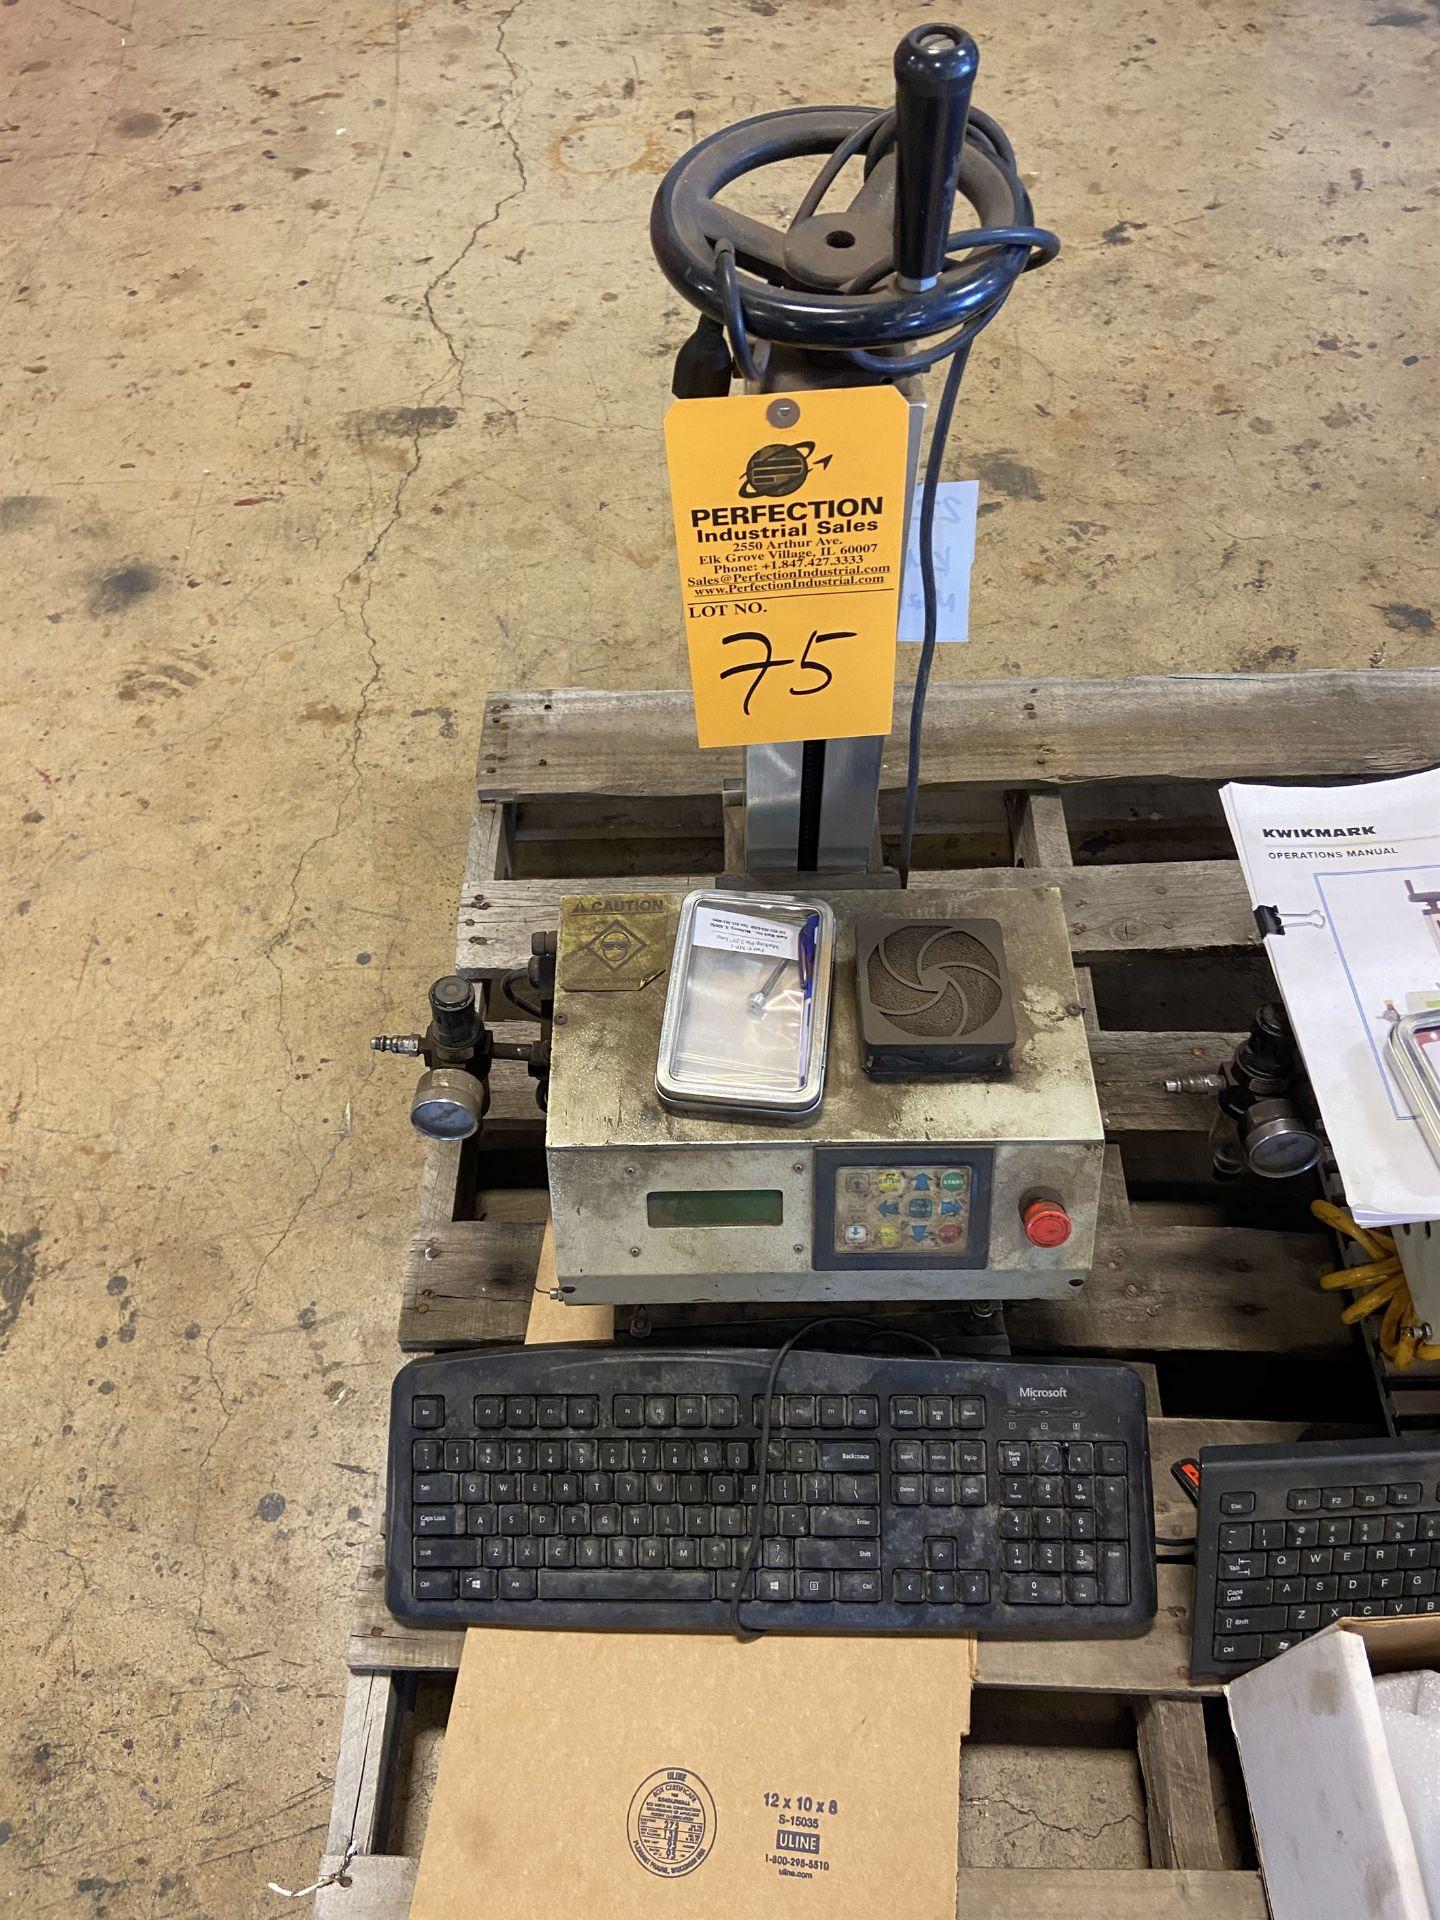 Kwikmark Model KM-64 Marking Machine on Stand s/n 3533-1404